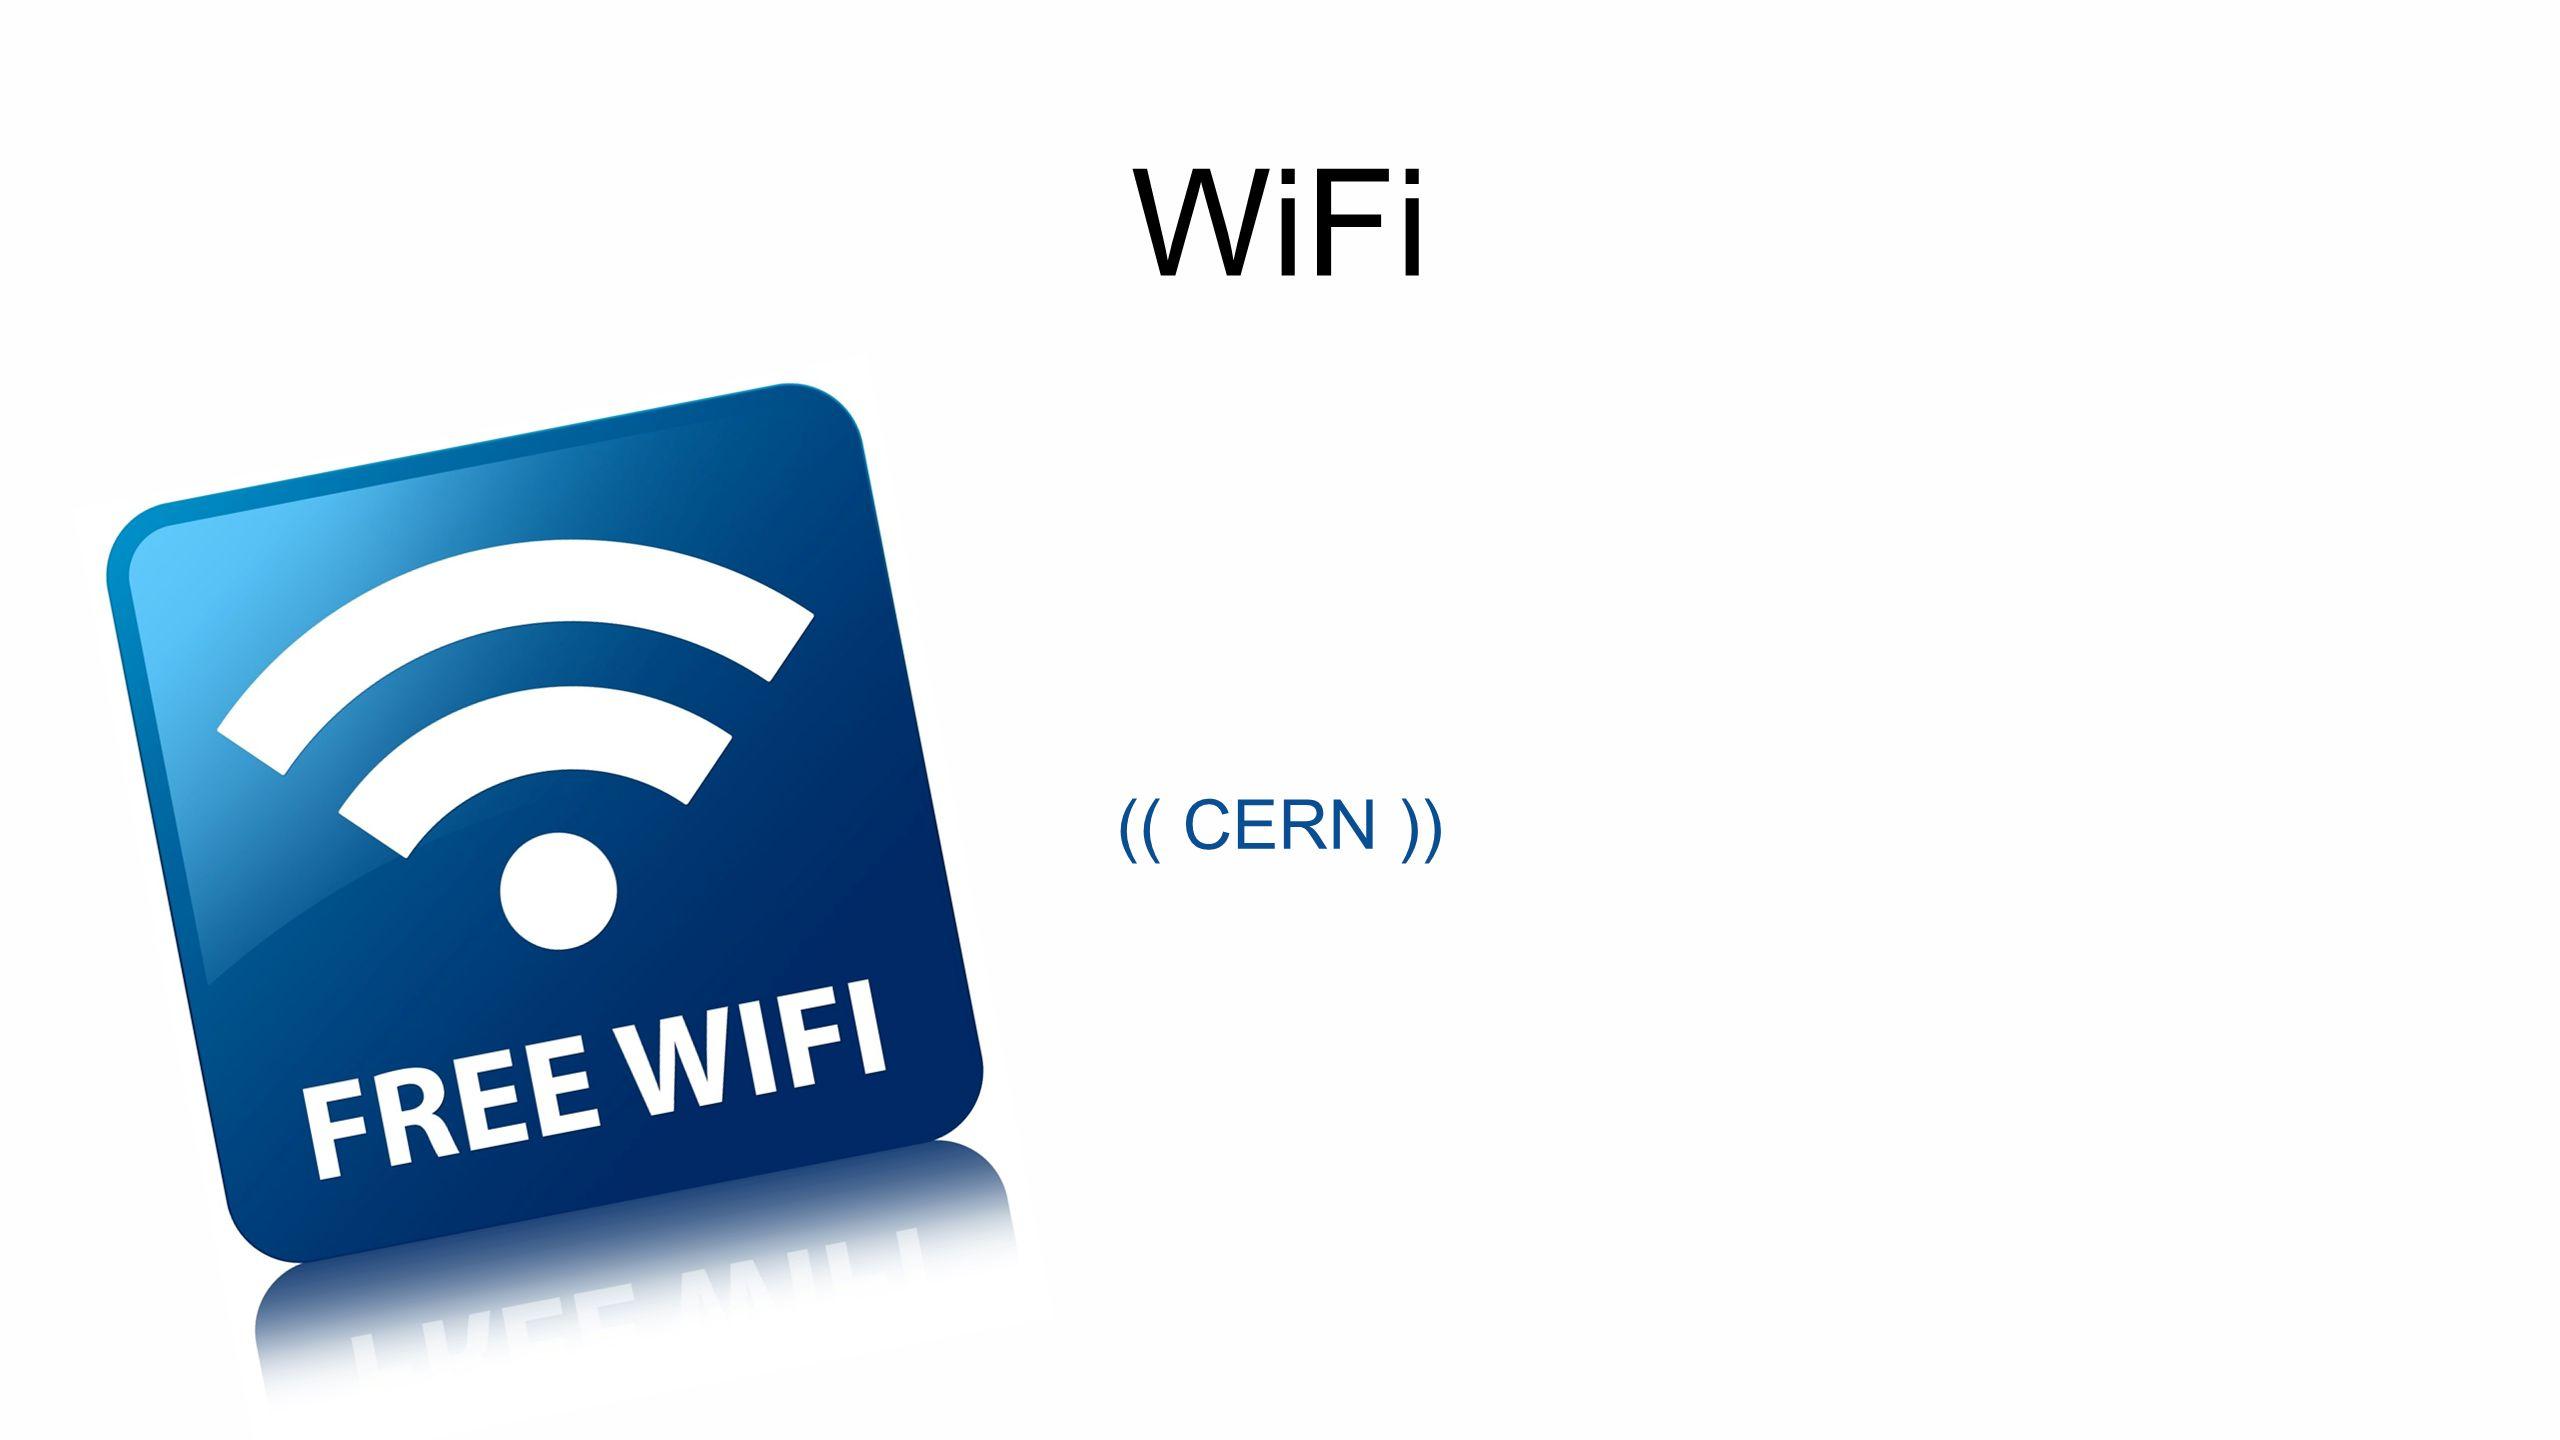 WiFi (( CERN ))